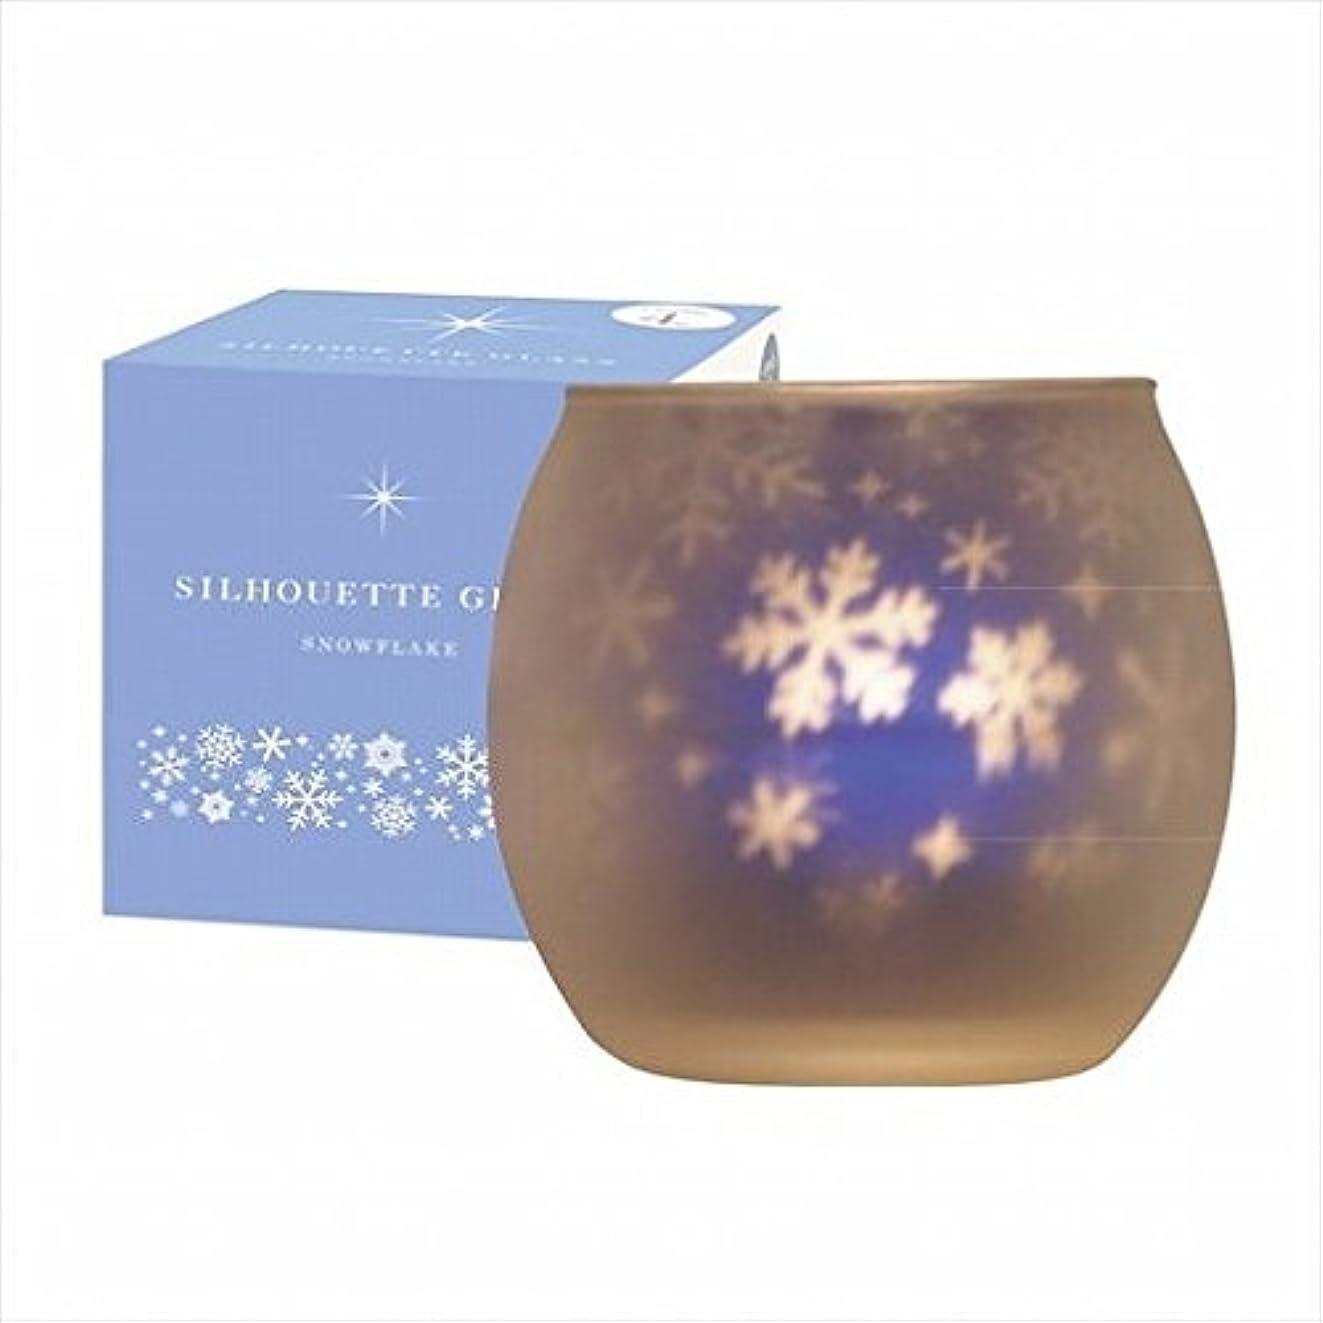 隣接誤解させるほとんどの場合kameyama candle(カメヤマキャンドル) スノーフレークシルエットグラス【キャンドル4個付き】(J1001022)